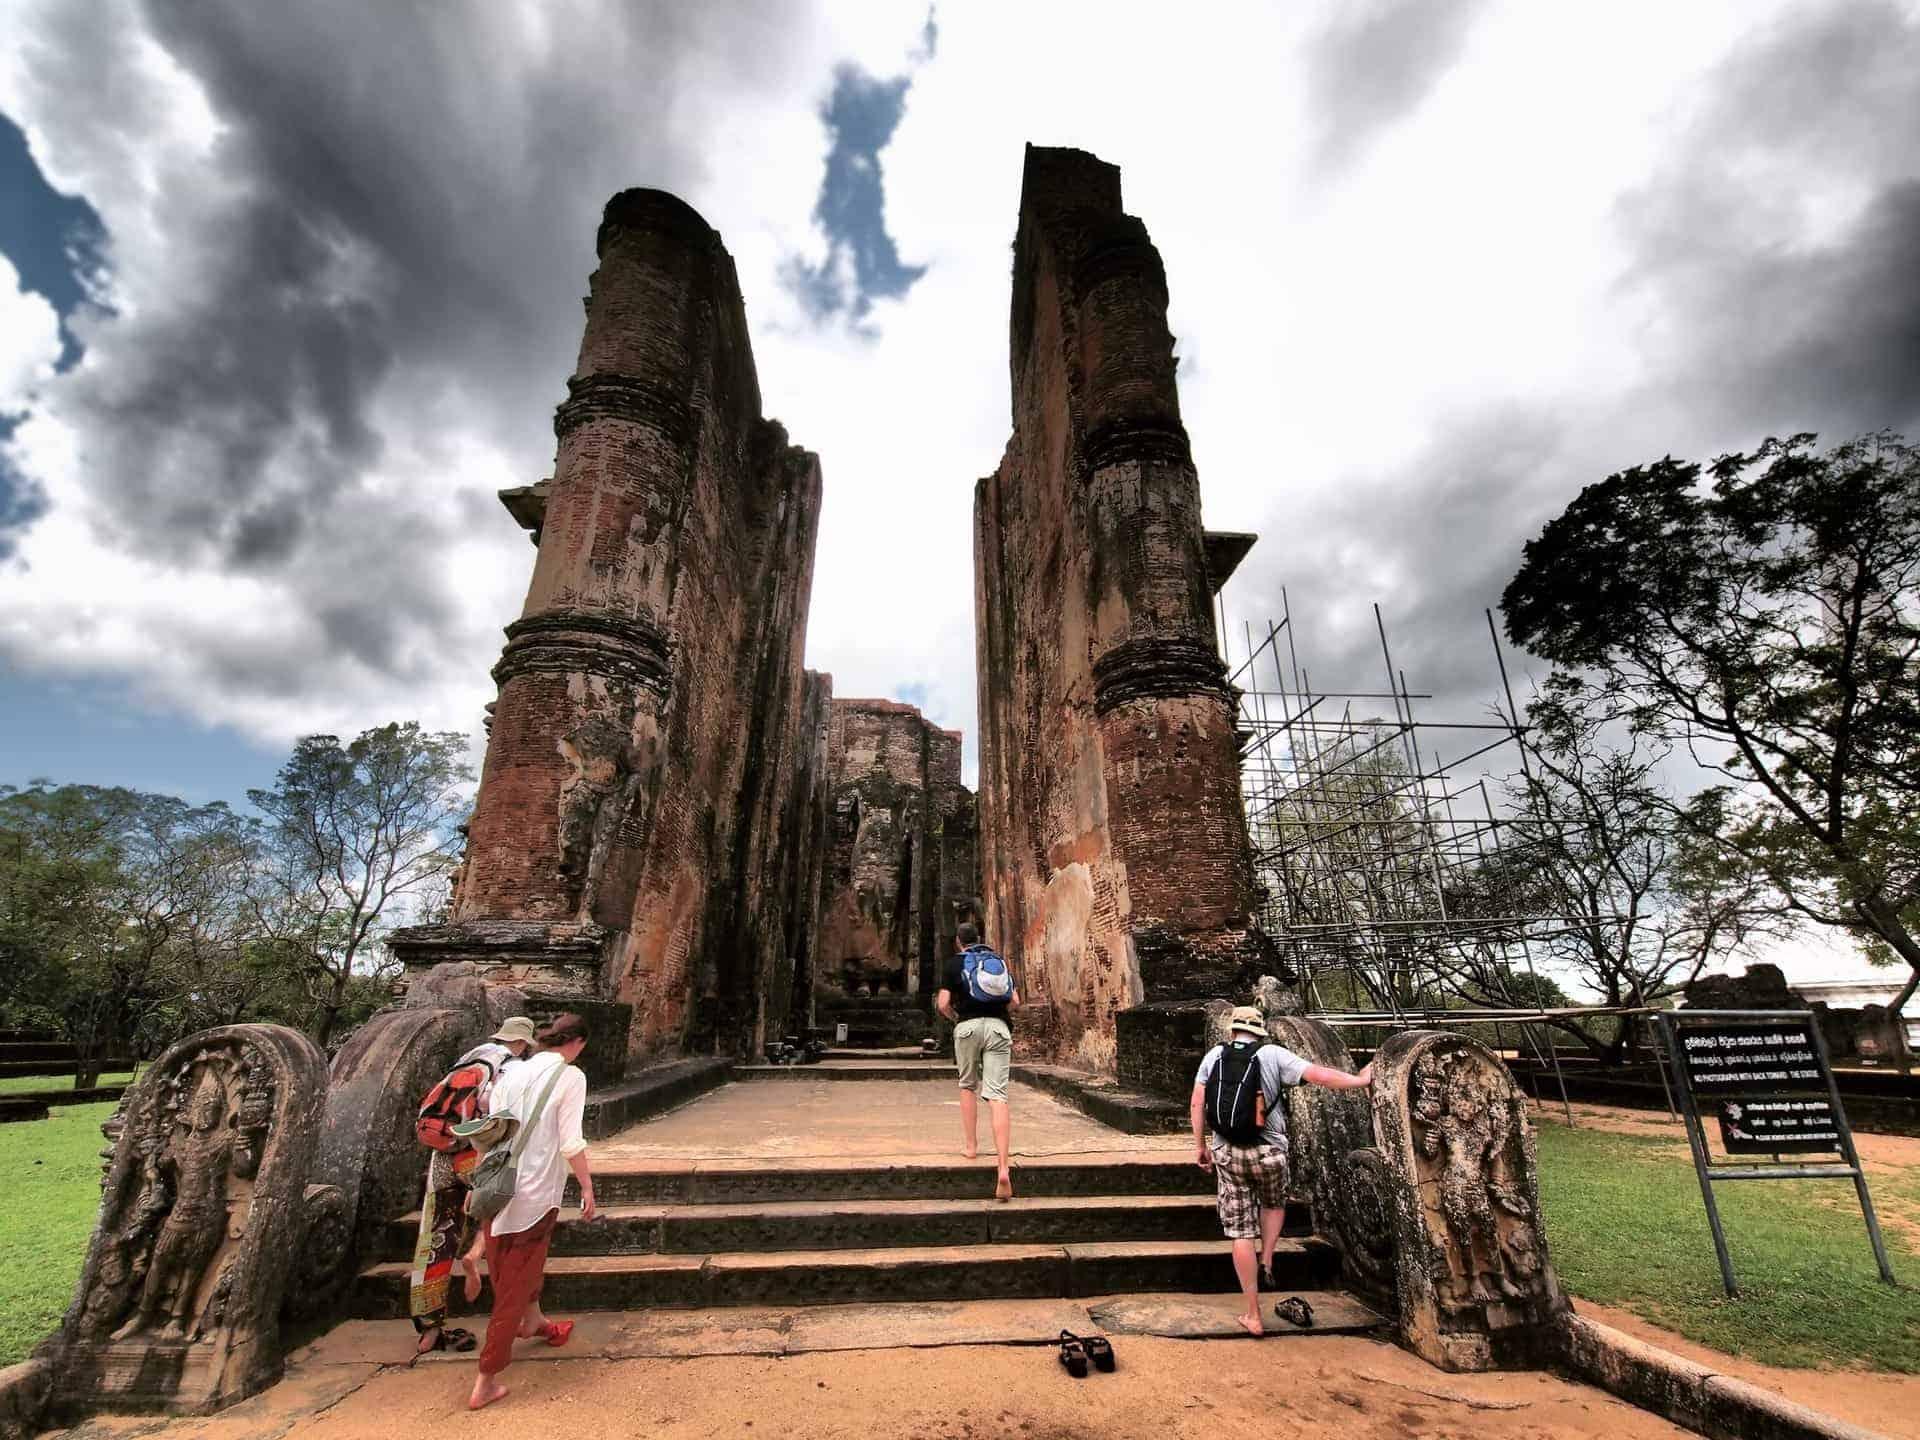 Lankatilaka Vihara ruins in Polonnaruwa, Sri Lanka